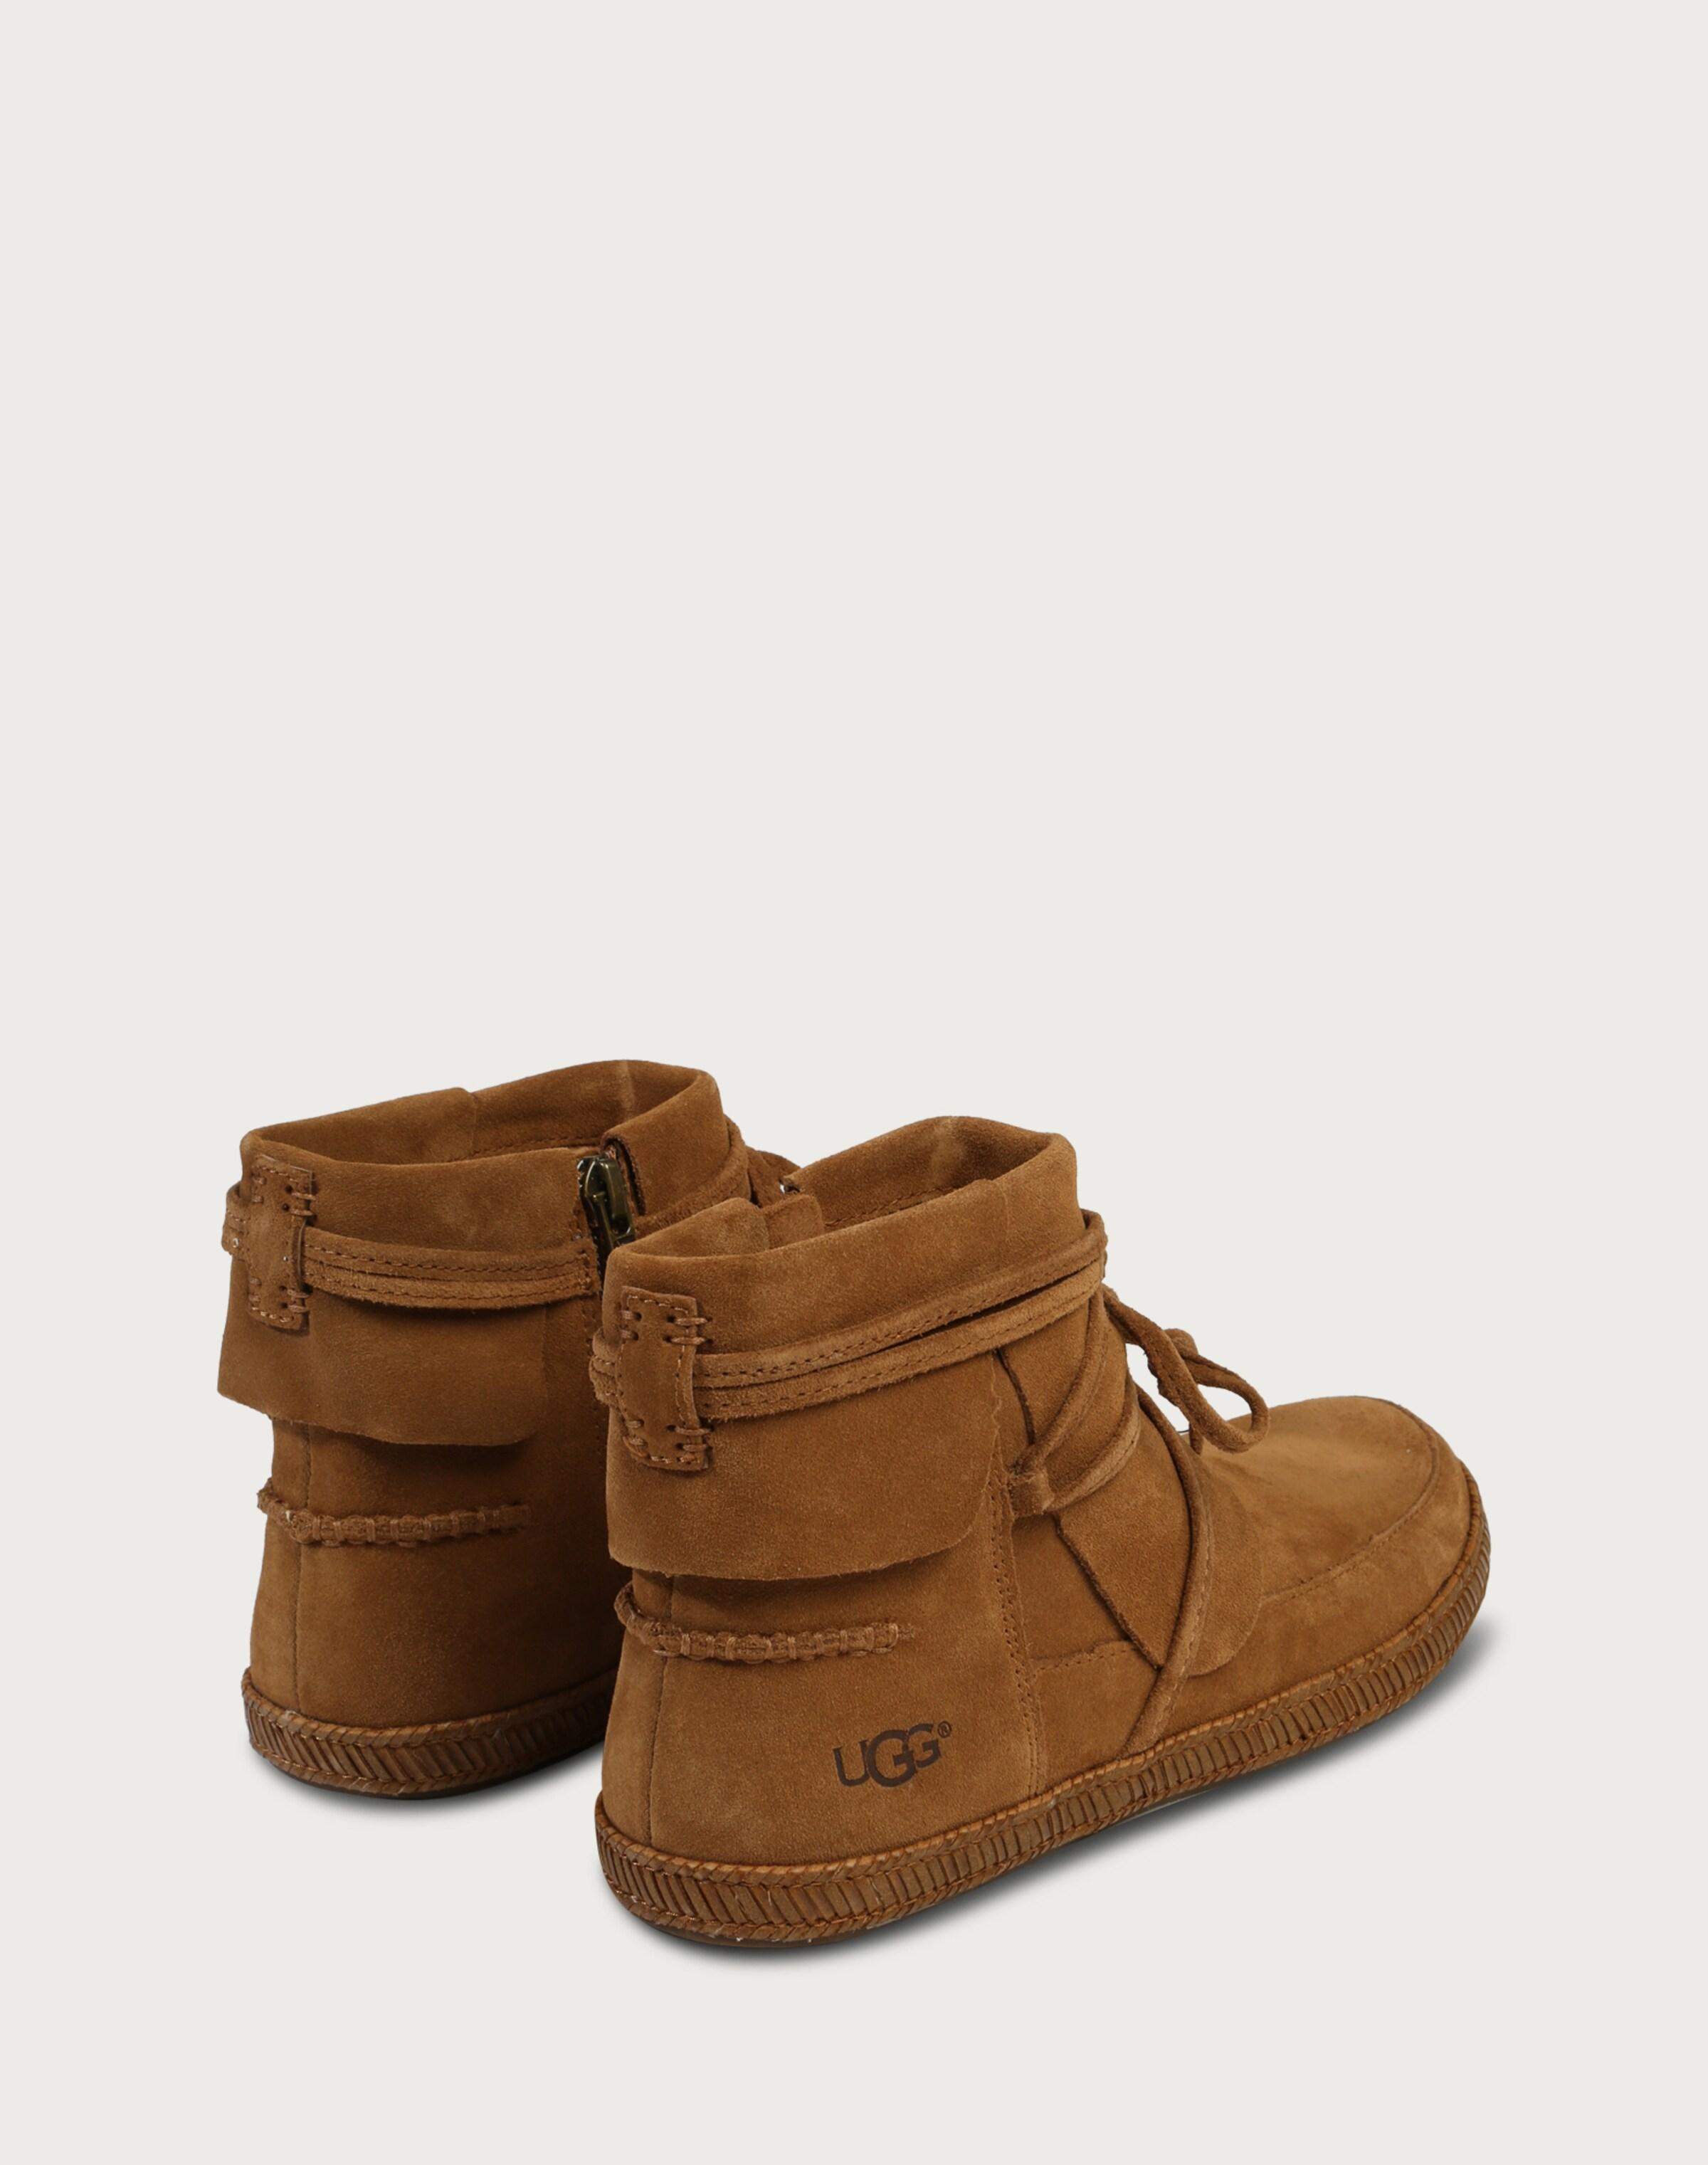 Verkauf Outlet Online Bestellen UGG Stiefel 'Reid' Verkauf Neuer Stile Freies Verschiffen Der Niedrige Preis Versandgebühr CLMjTw1A98